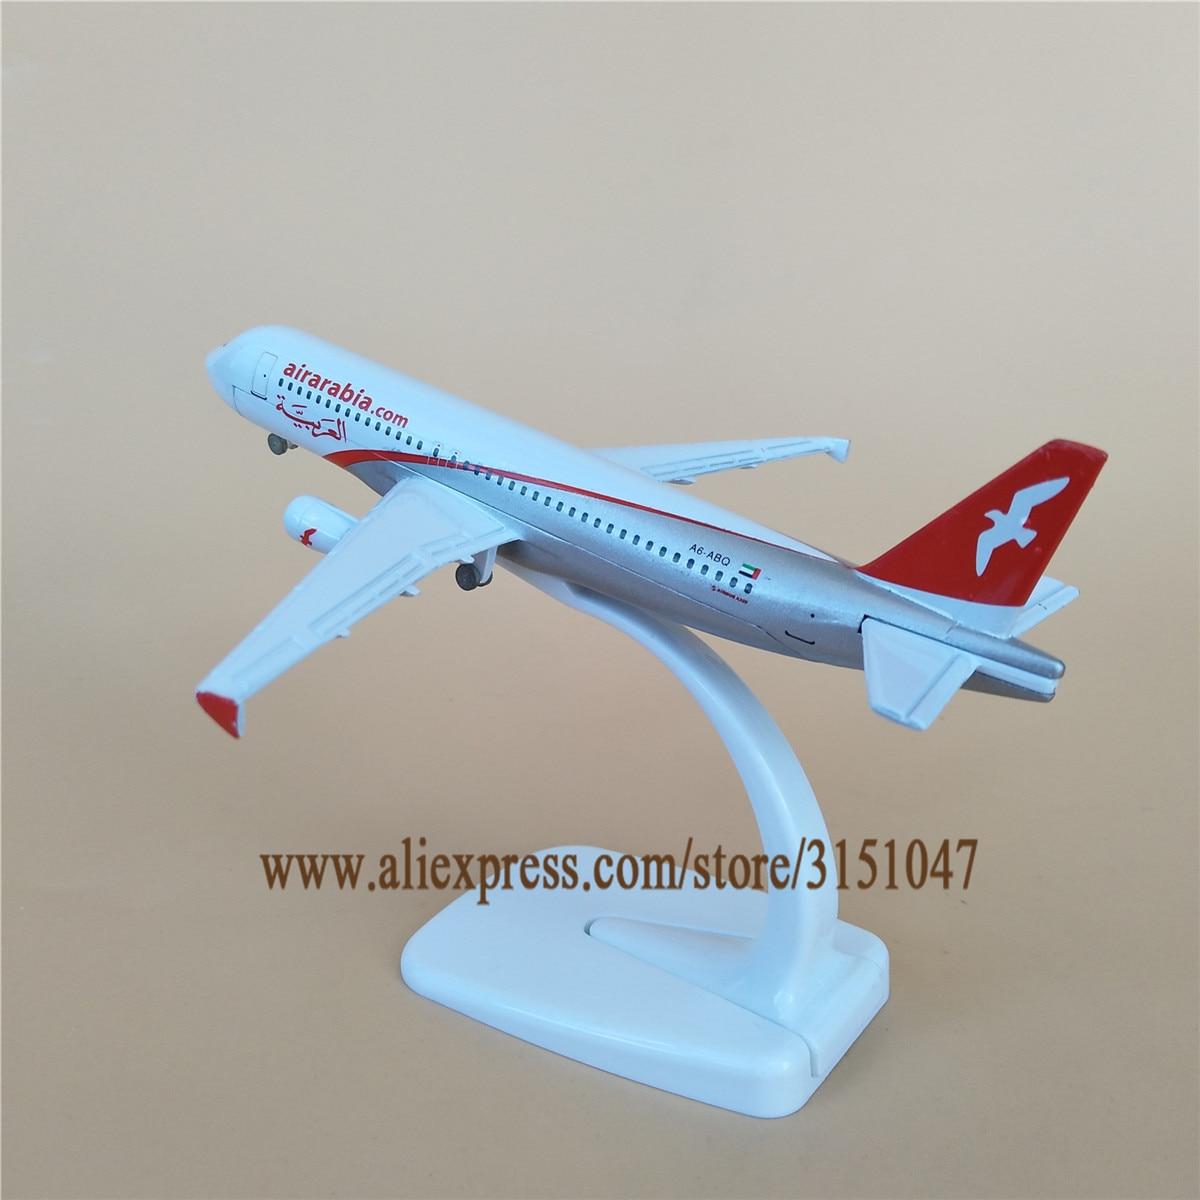 16cm Air Arabia A320 modelo de avión aerolíneas Airarabia Airbus 320 Airways aleación Metal Diecast avión modelo niños regalo